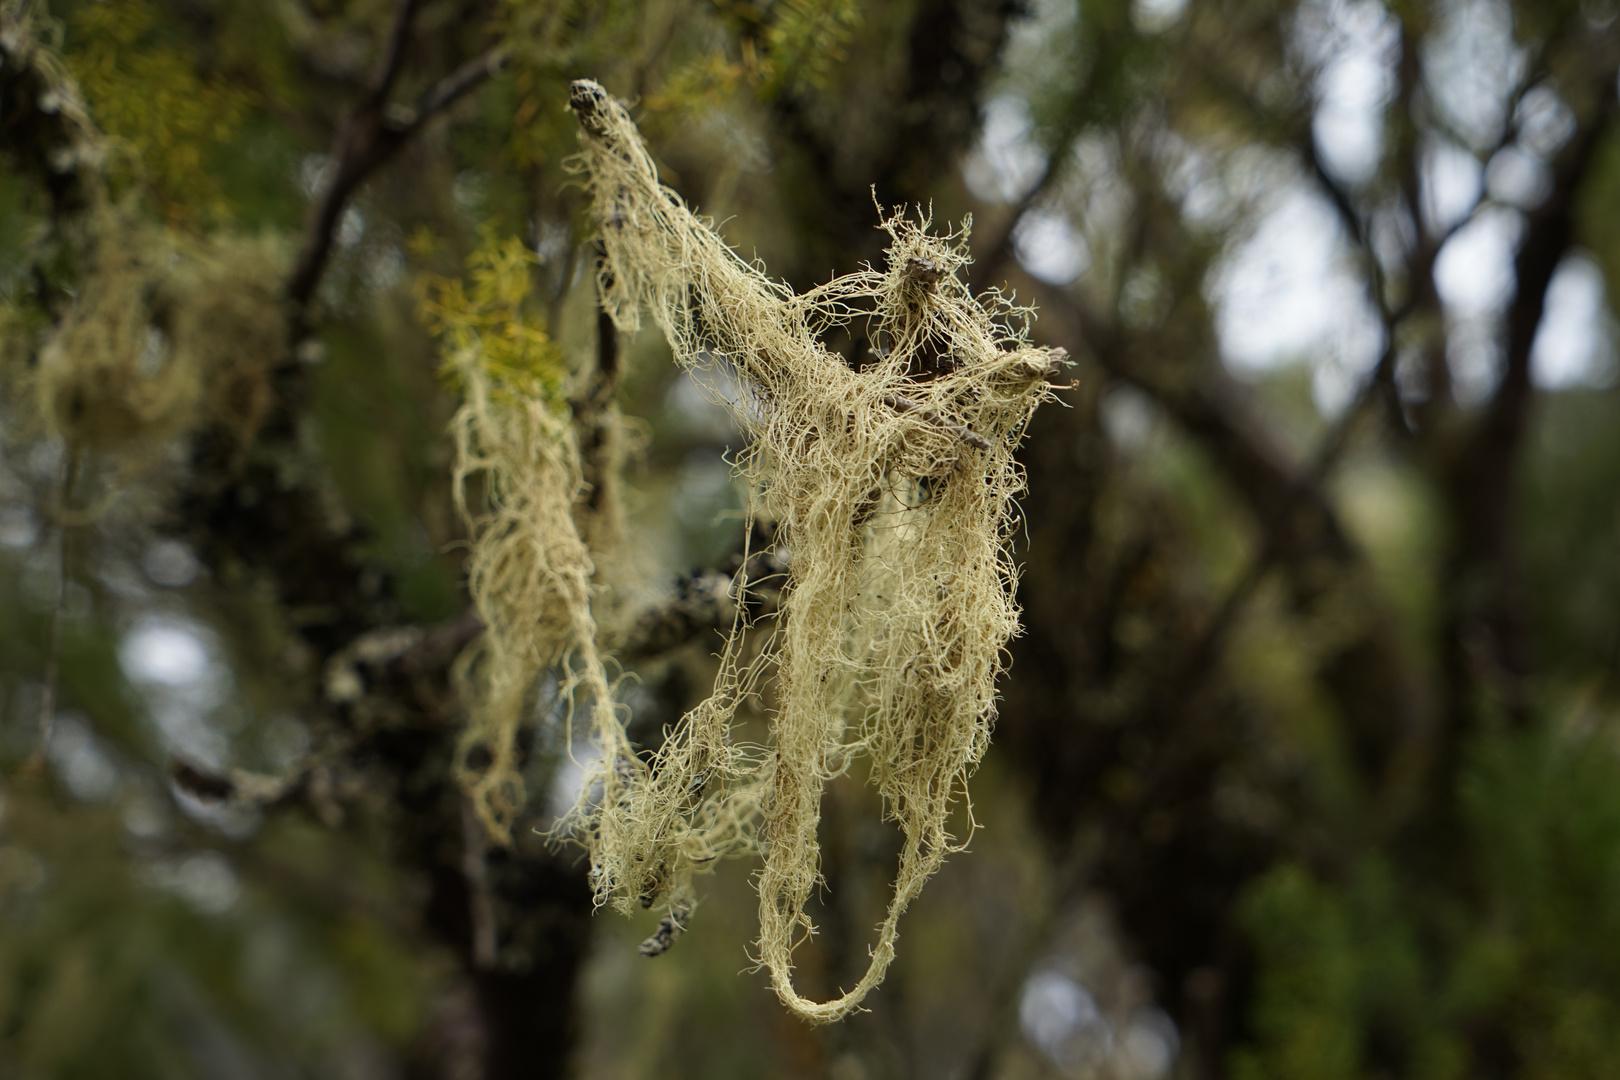 Flechte auf der Cumbre von El Hierro, wo es gerne feucht und kühl ist